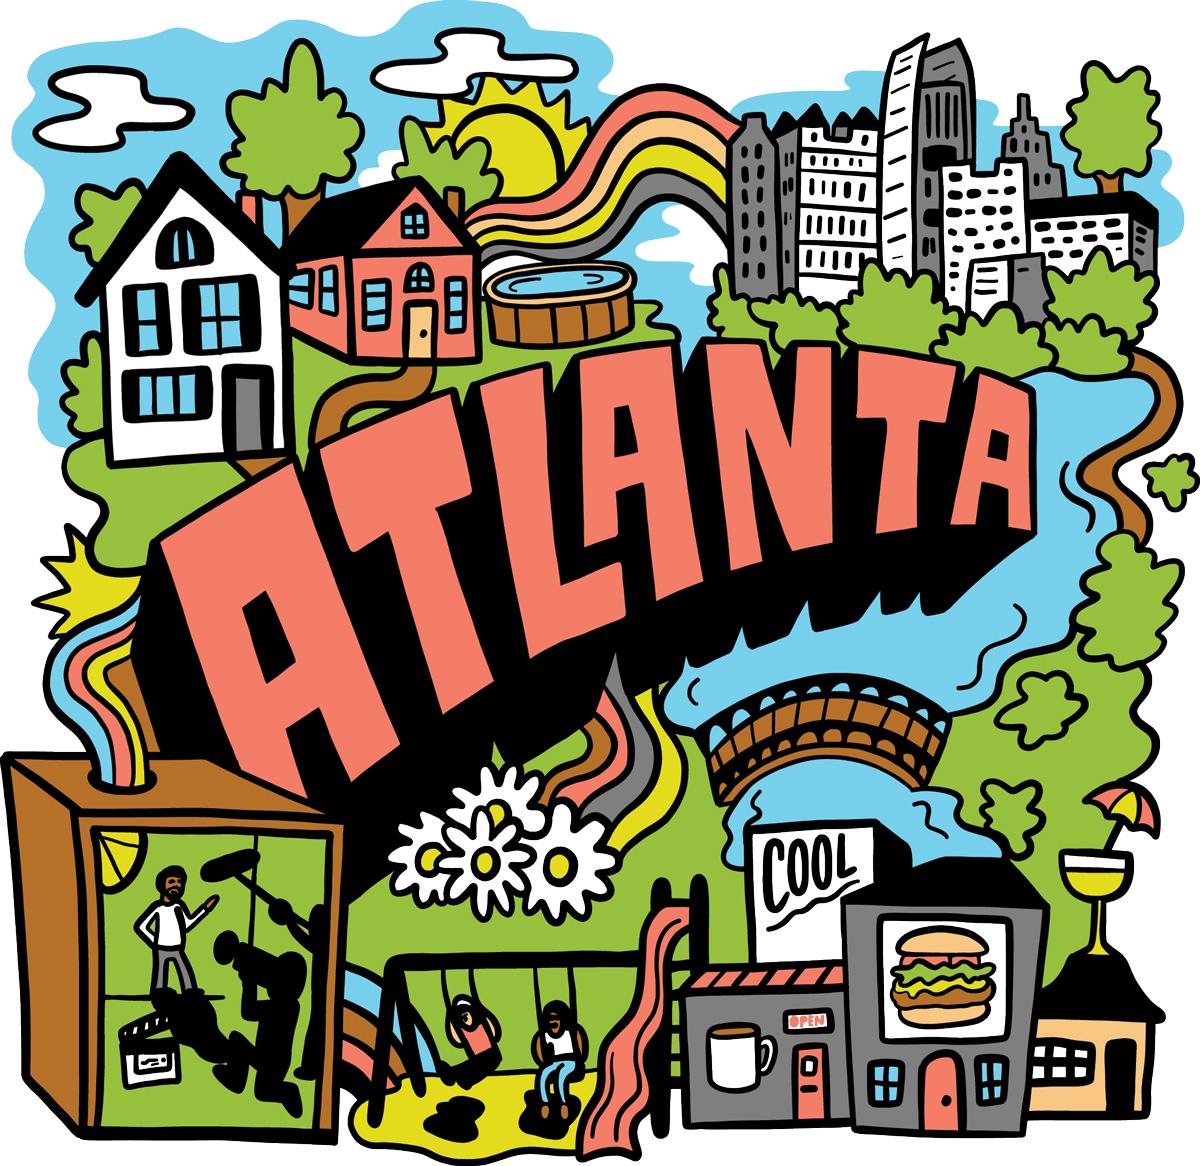 Reality TV in Atlanta